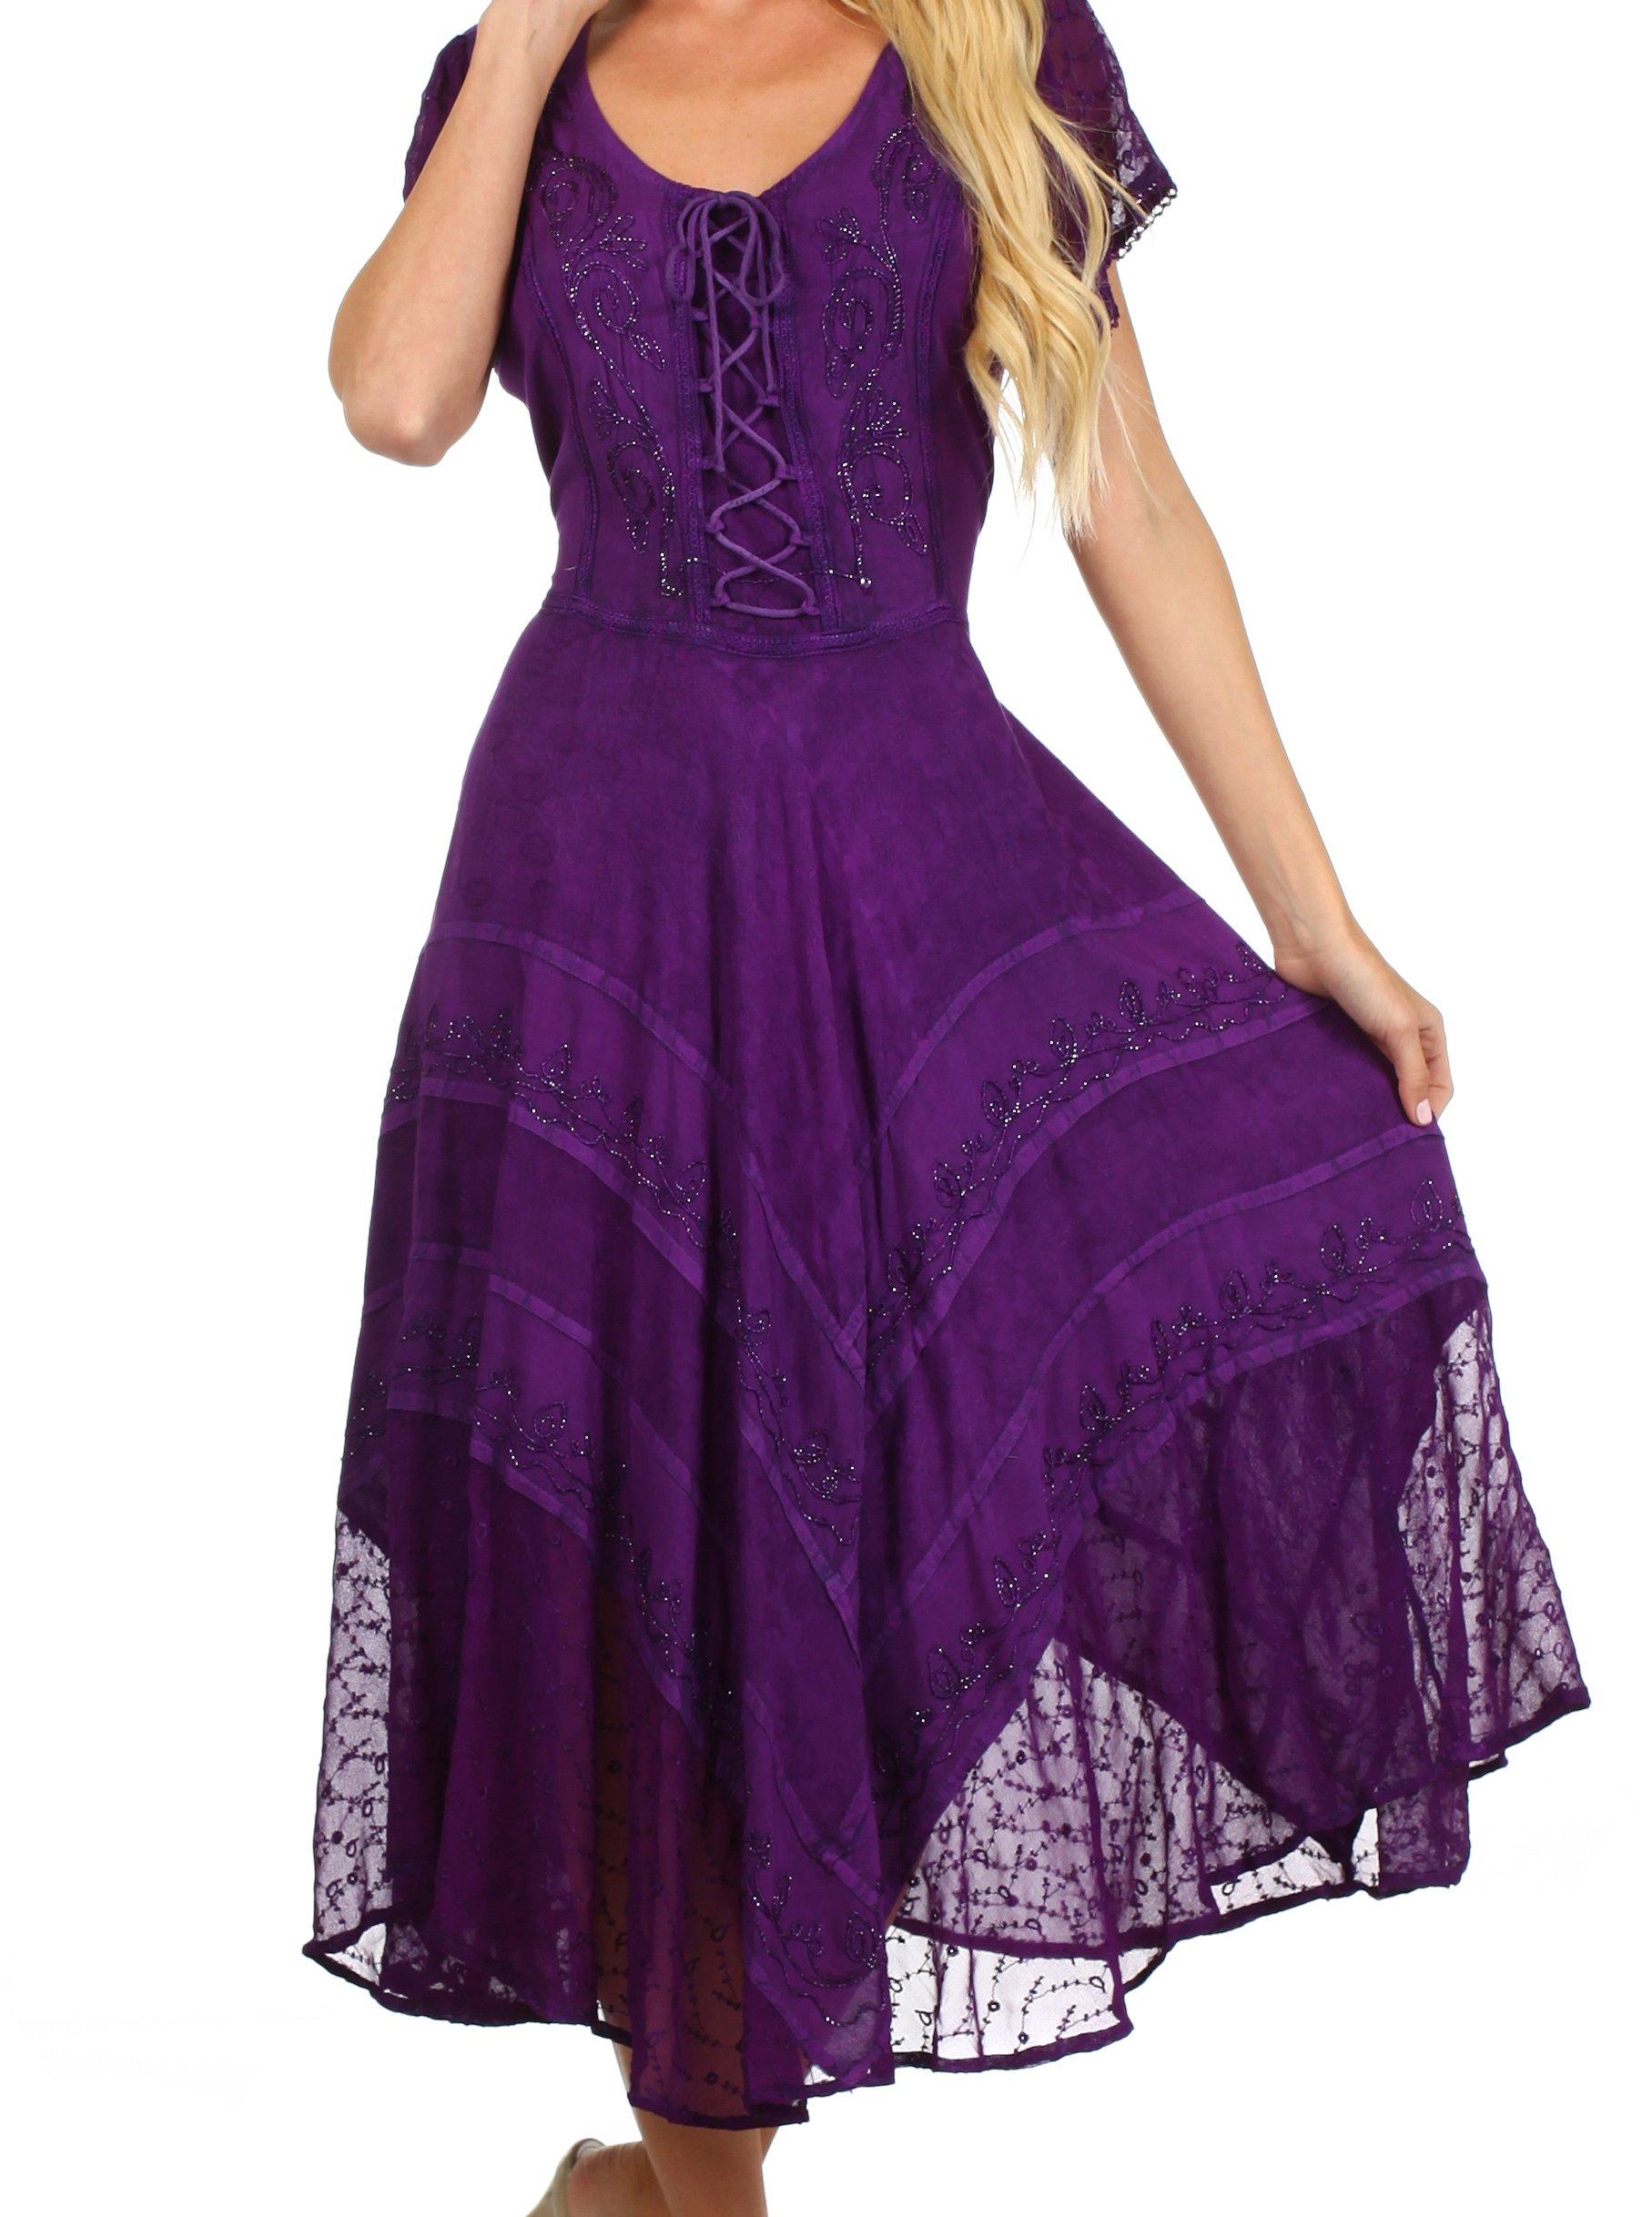 Sakkas 1322 Marigold Embroidered Fairy Dress - Purple - S/M